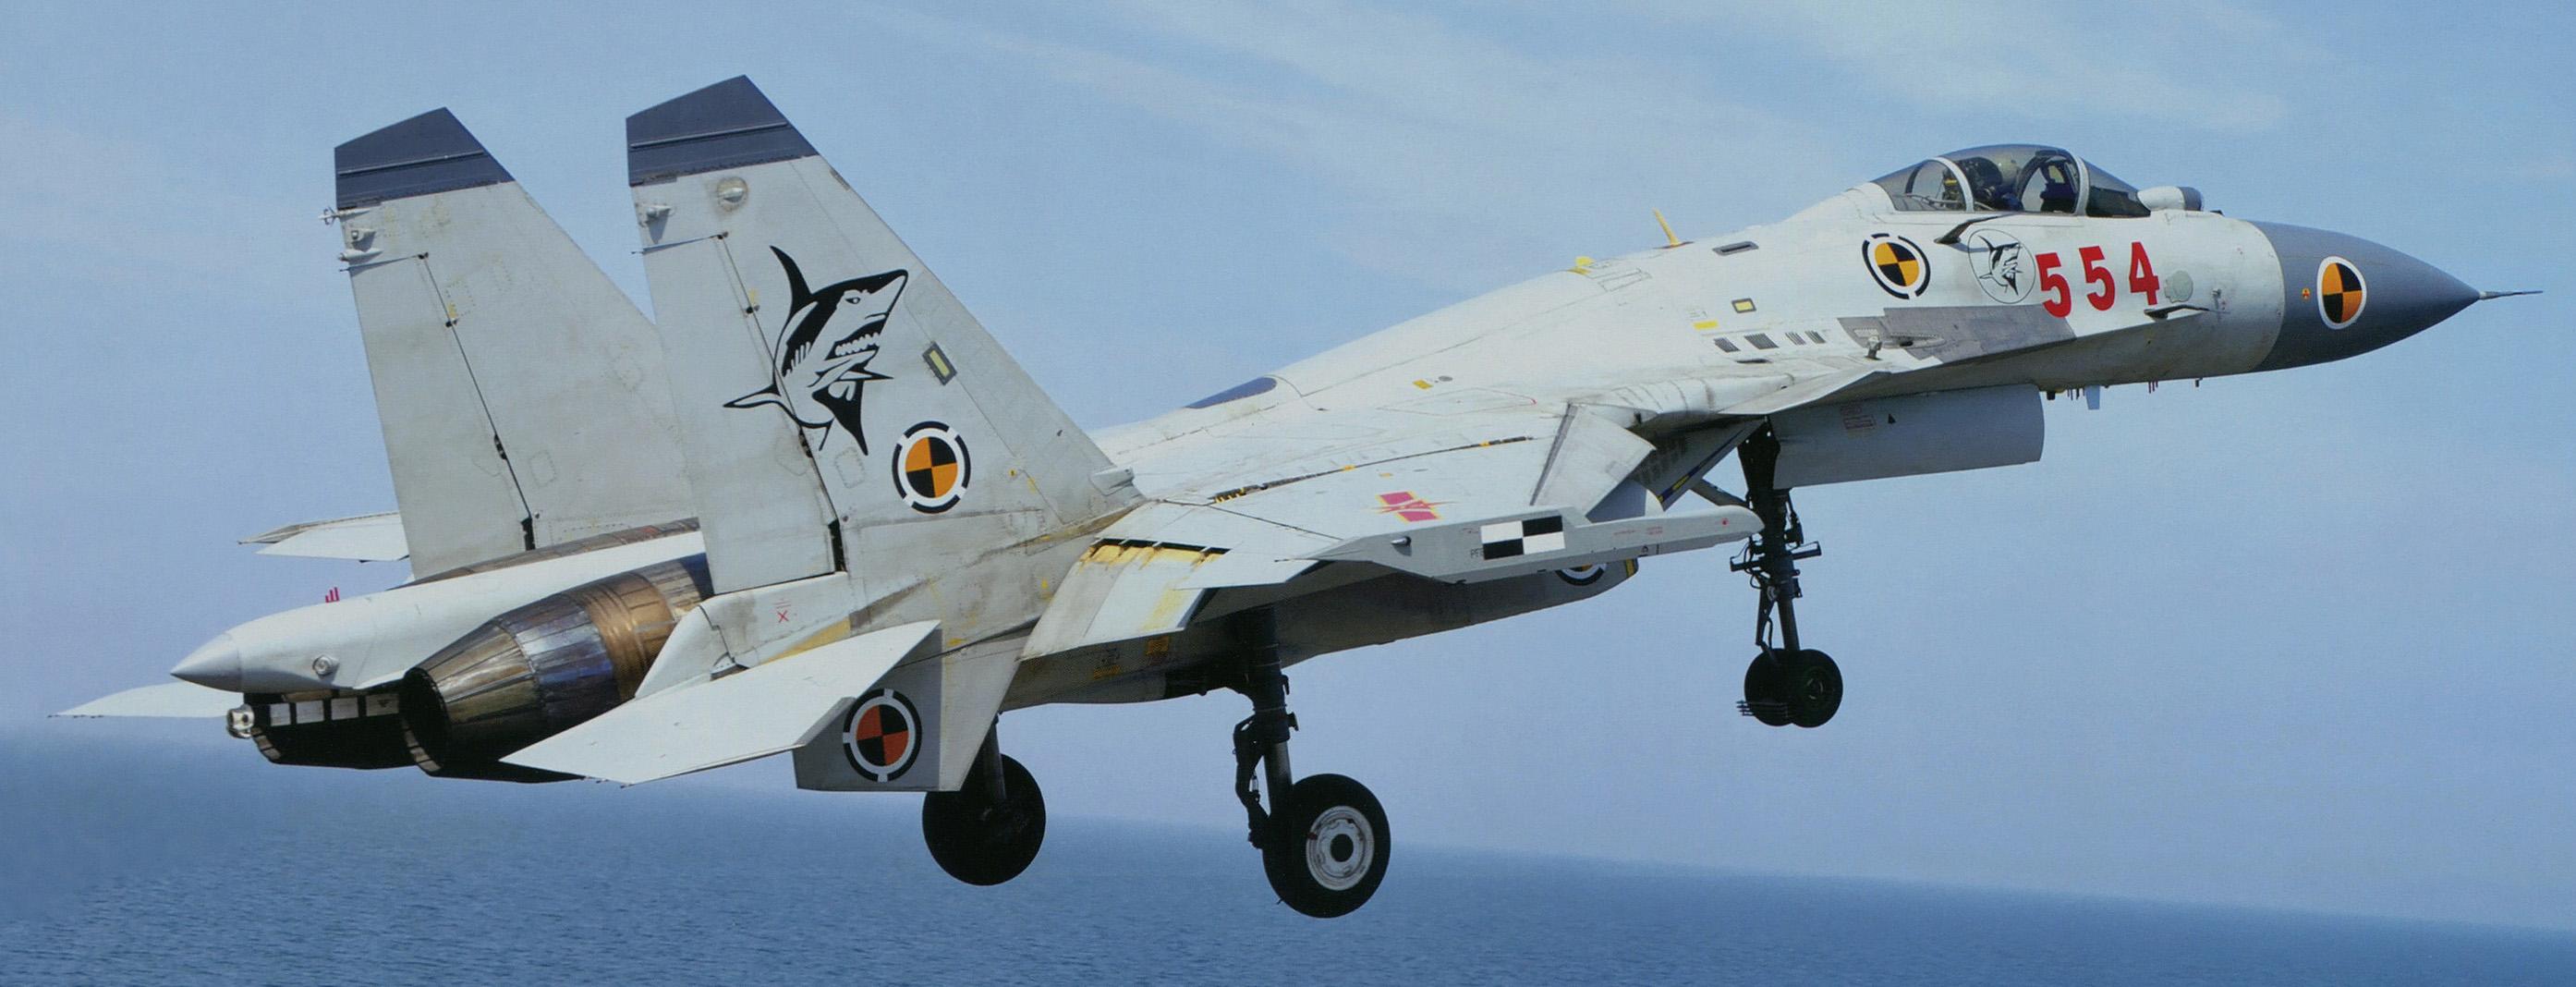 El problemático caza embarcado Shenyang J-15 (Wikipedia/Garudtejas7)